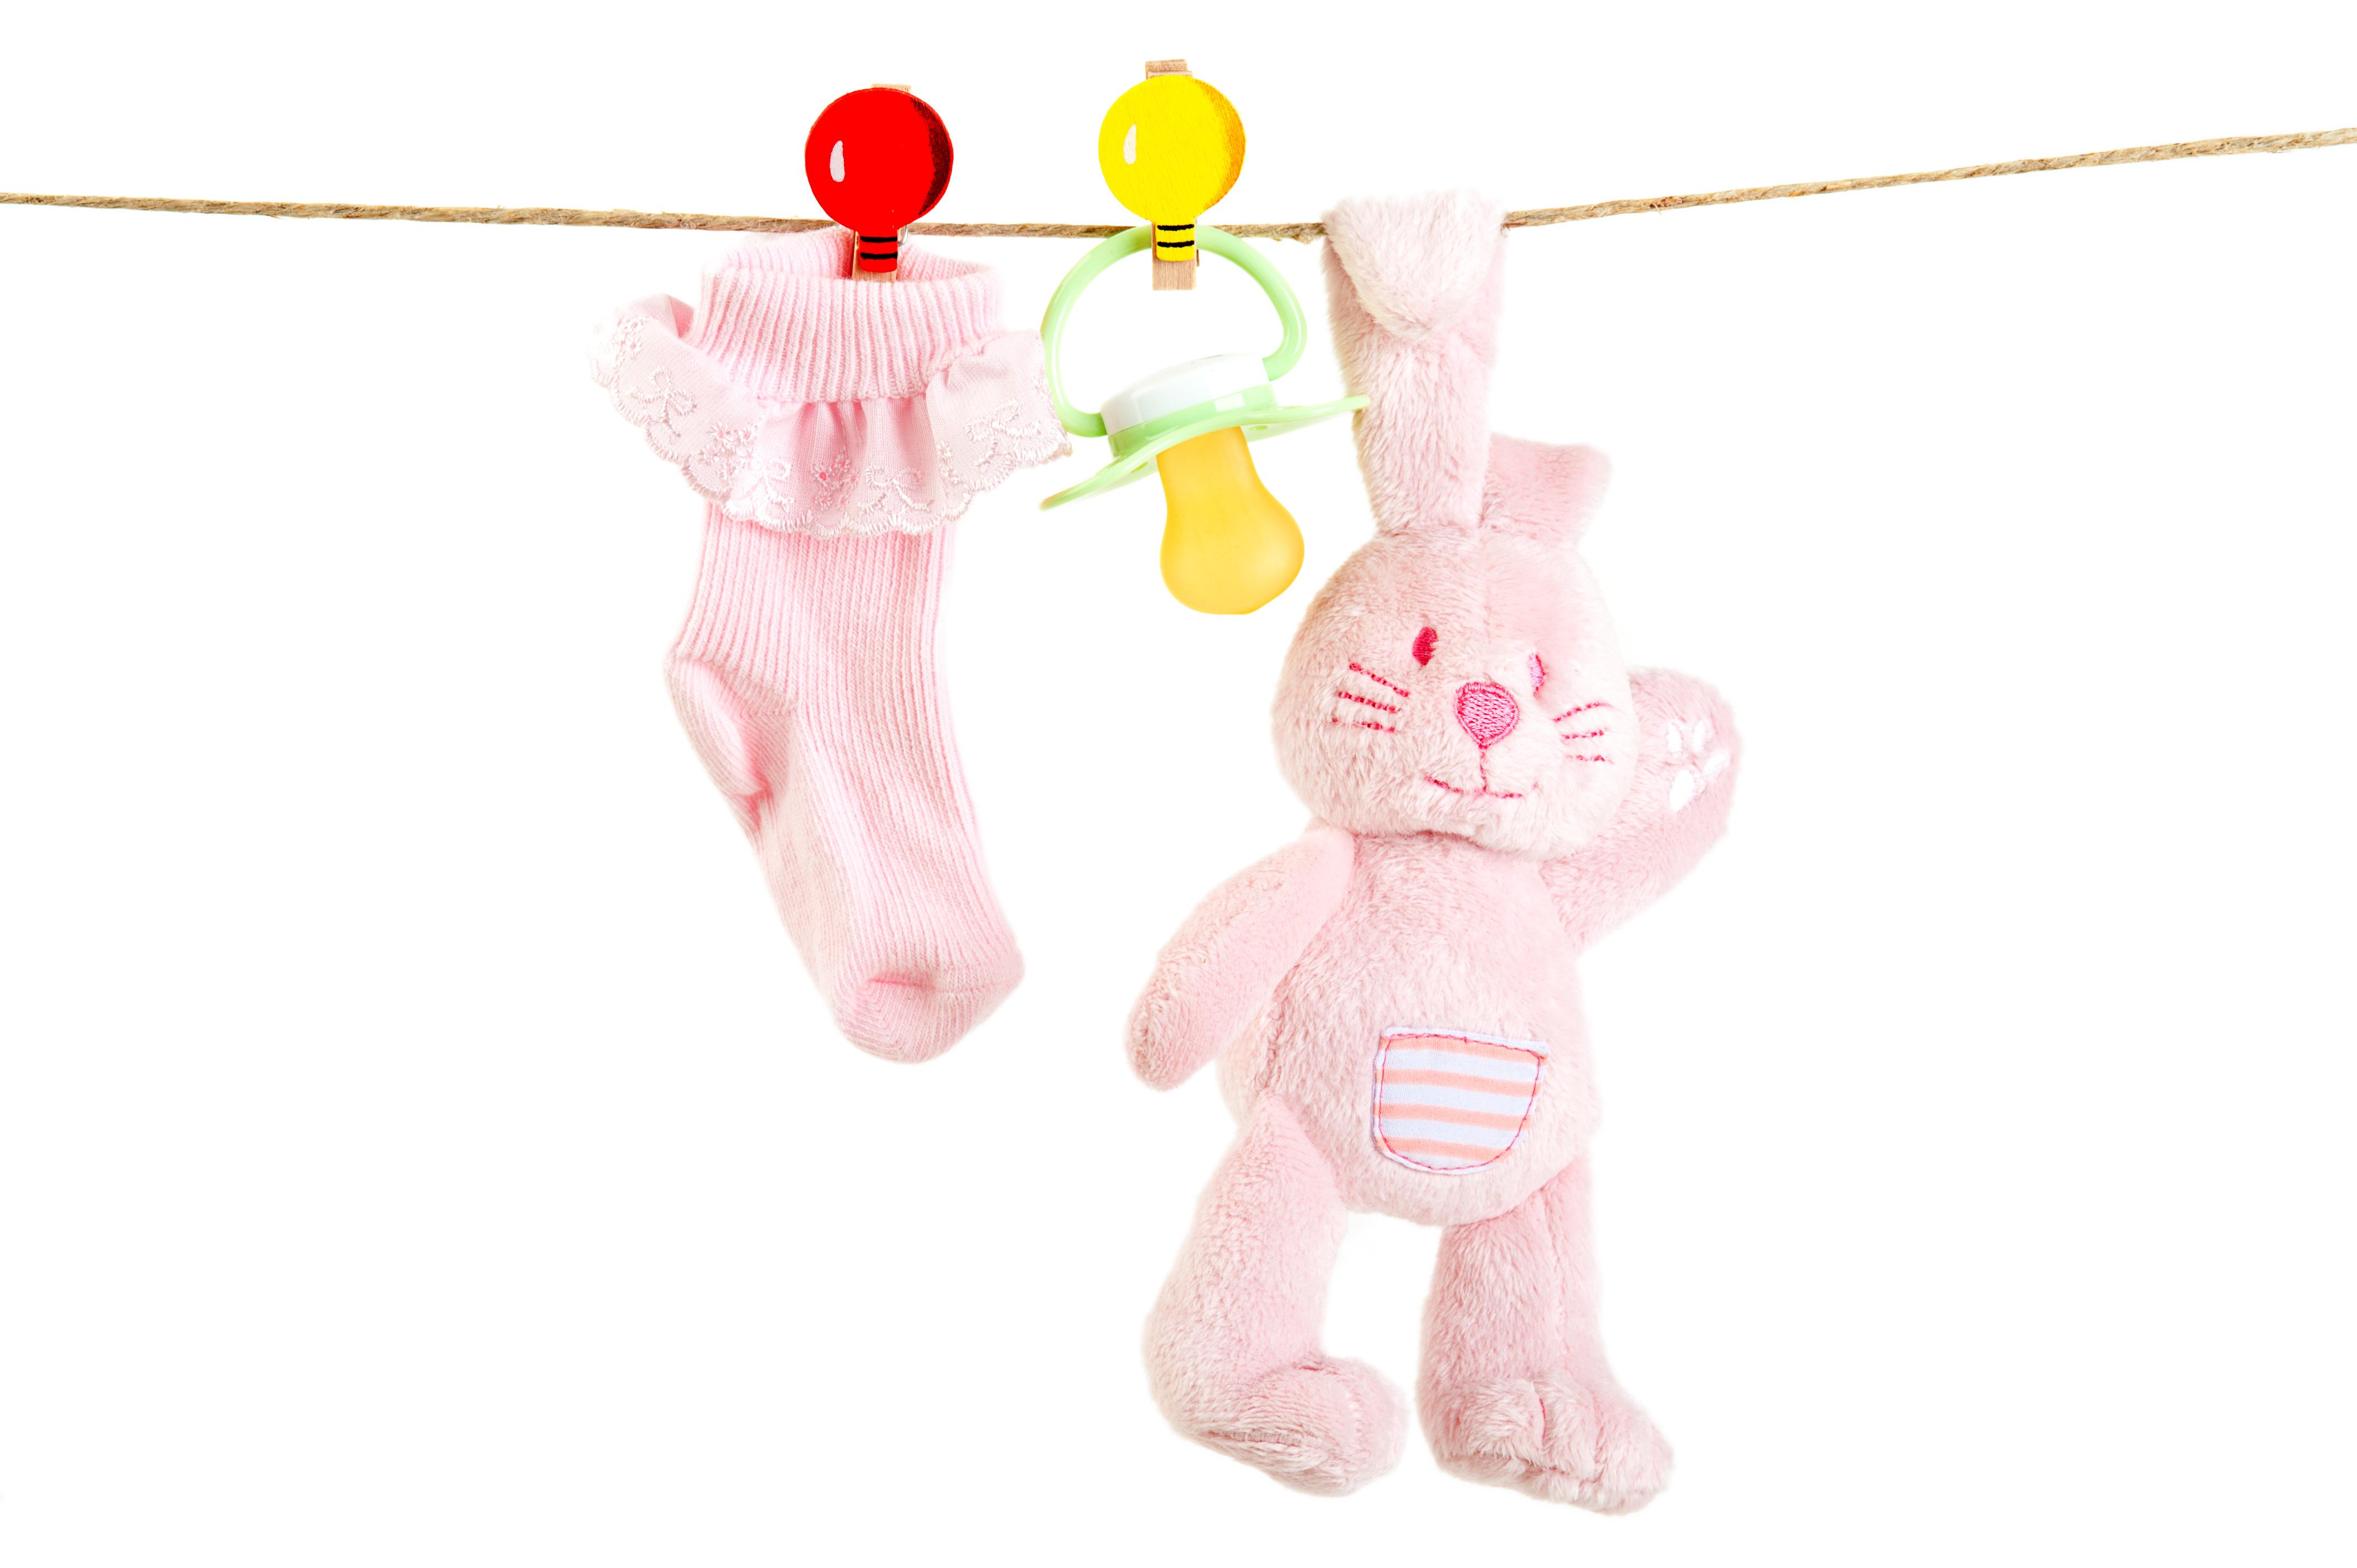 Les chaussettes pour bébés contiennent des traces de bisphénol A et de parabènes !